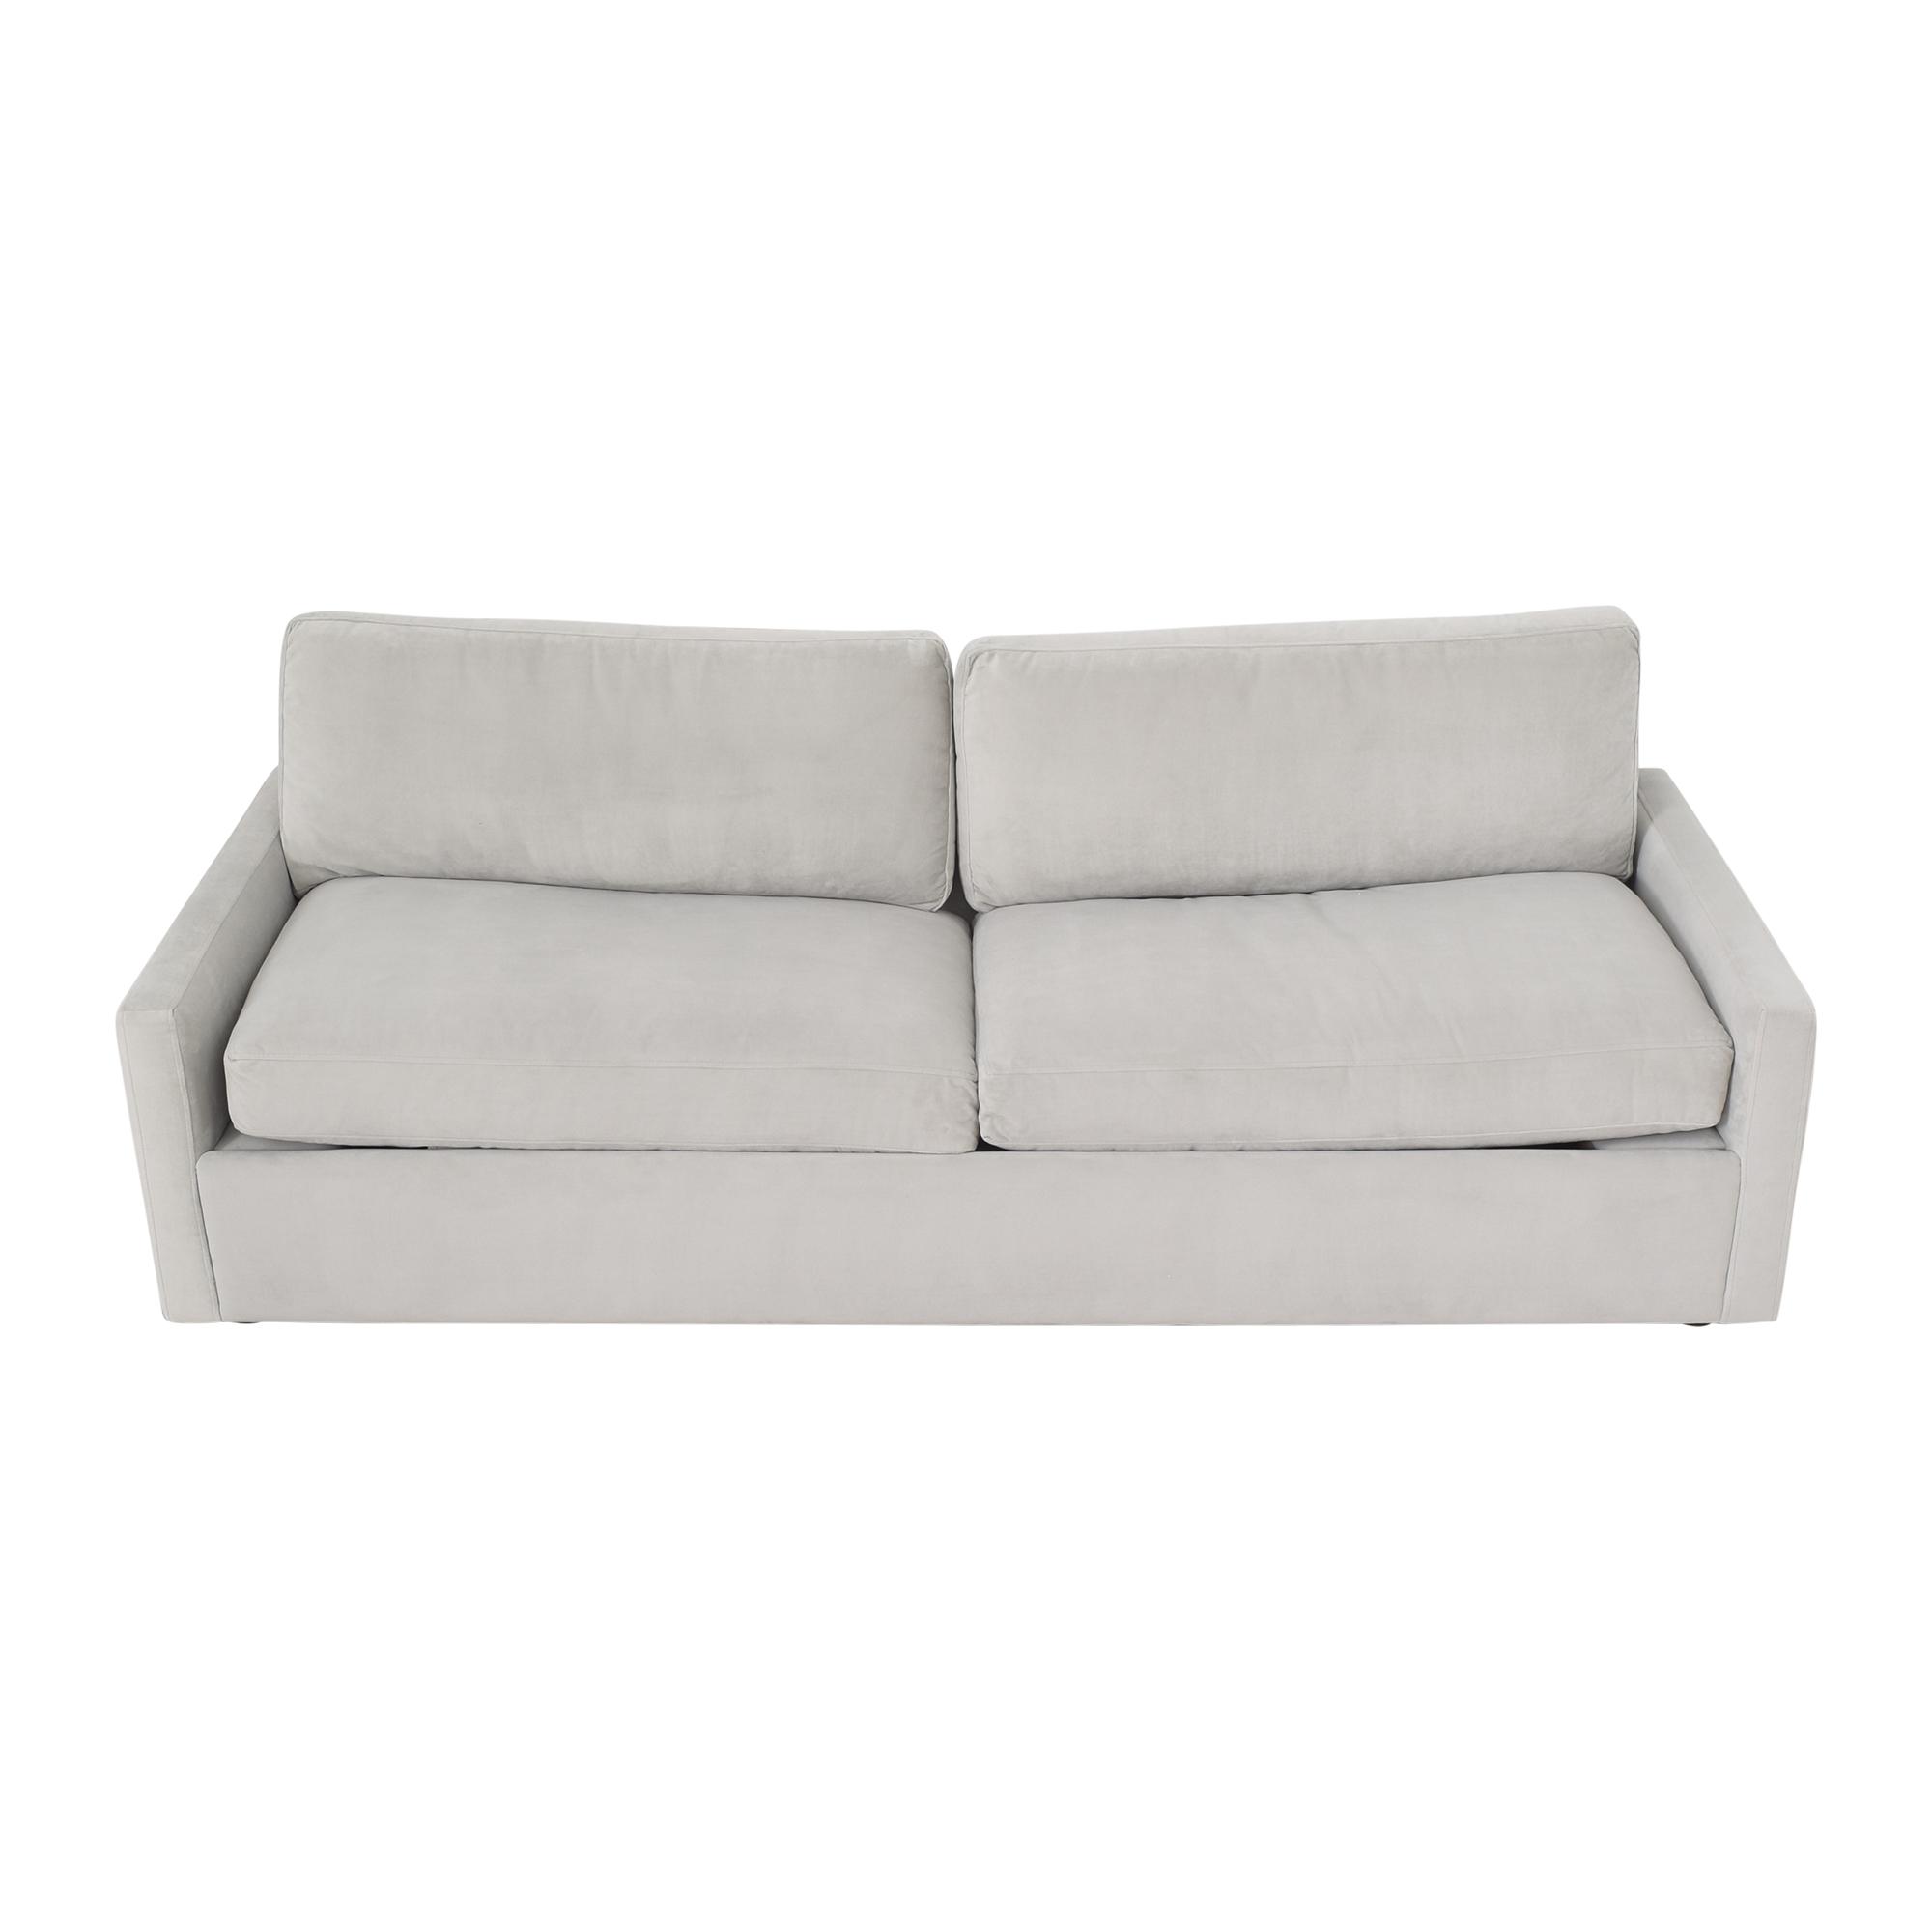 Room & Board Room & Board Easton Queen Sleeper Sofa second hand